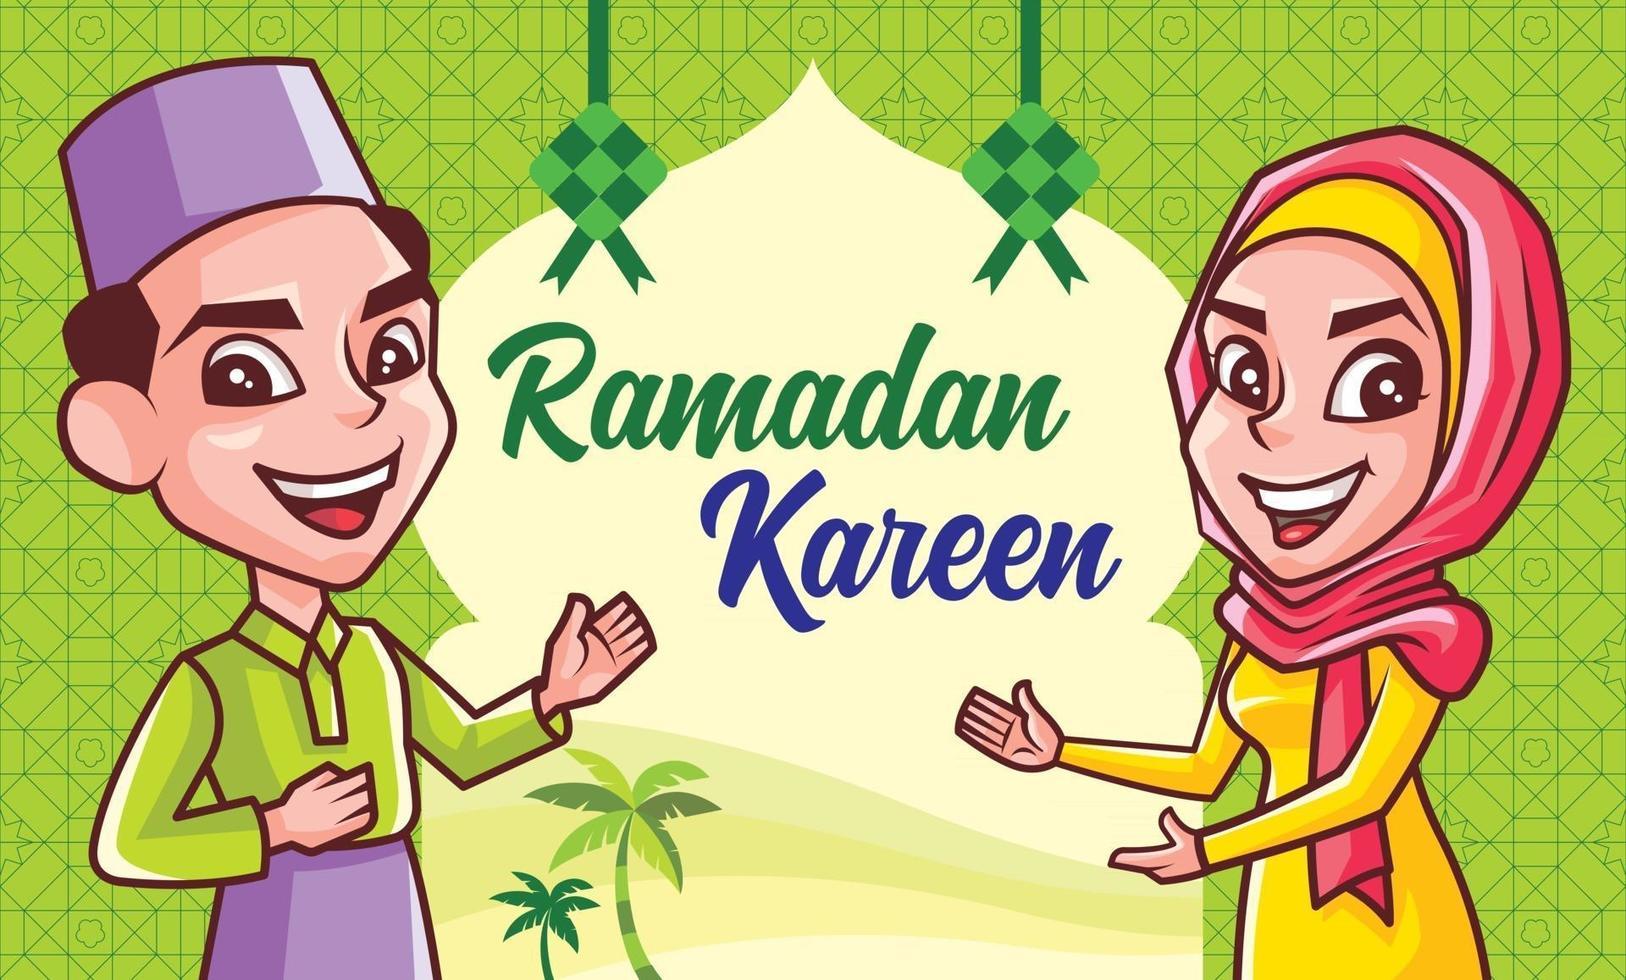 muslimische Gebete, die Hari Raya Aidilfitri mit islamischer Dekoration feiern vektor